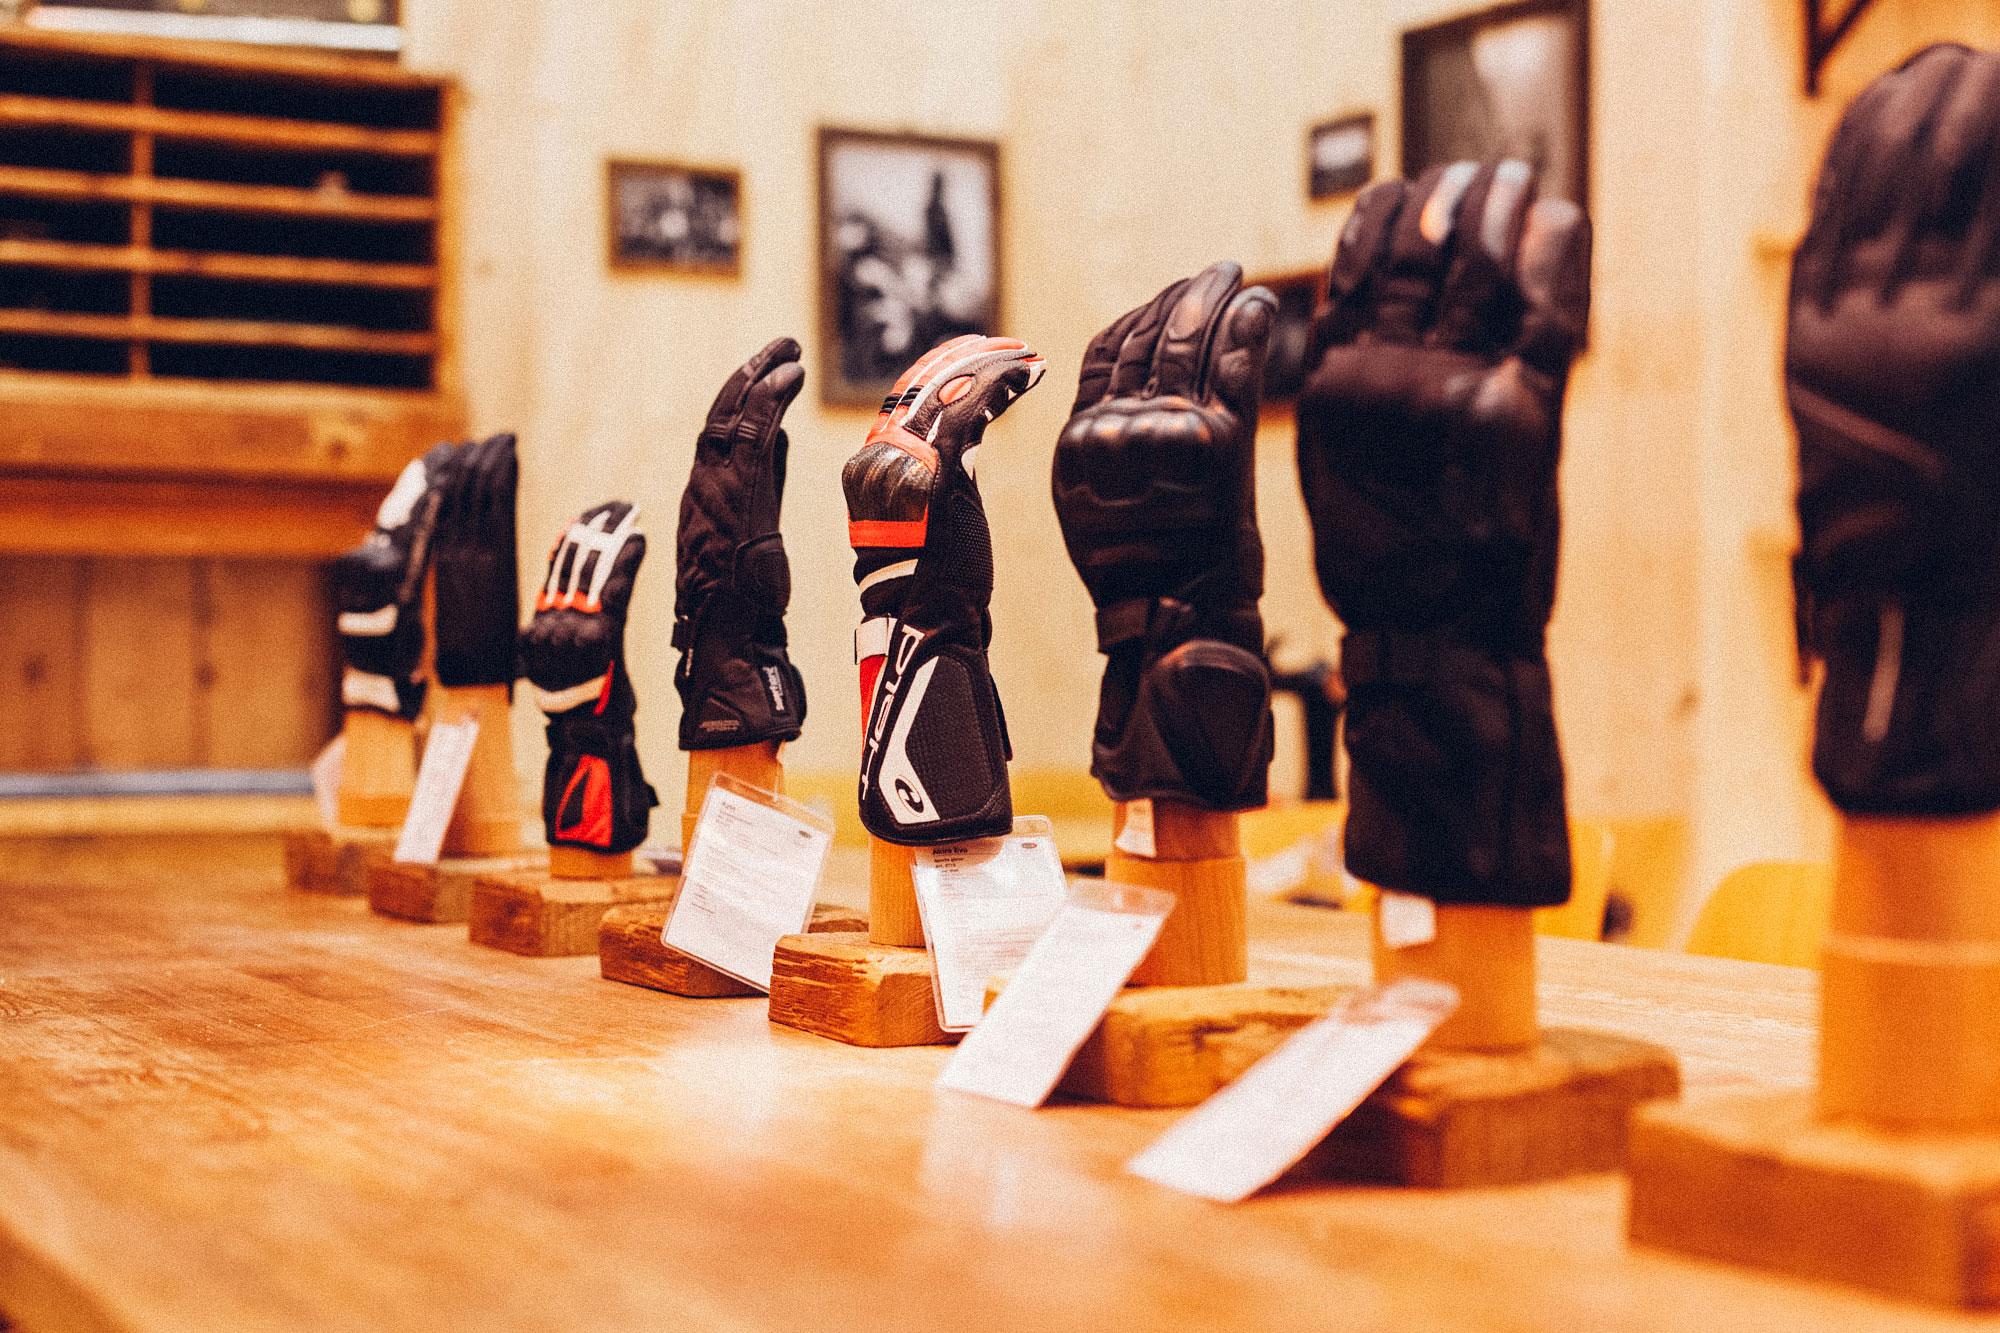 Ein Foto des Besprechungsraumes des 70-Jahre-Held-Messestandes. Alles ist im Stil einer Berghütte gehalten, im Vordergrund sieht man die aktuelle Handschuh-Kollektion auf einem Schreibtisch. Konzept und Design sind von MAJORMAJOR.